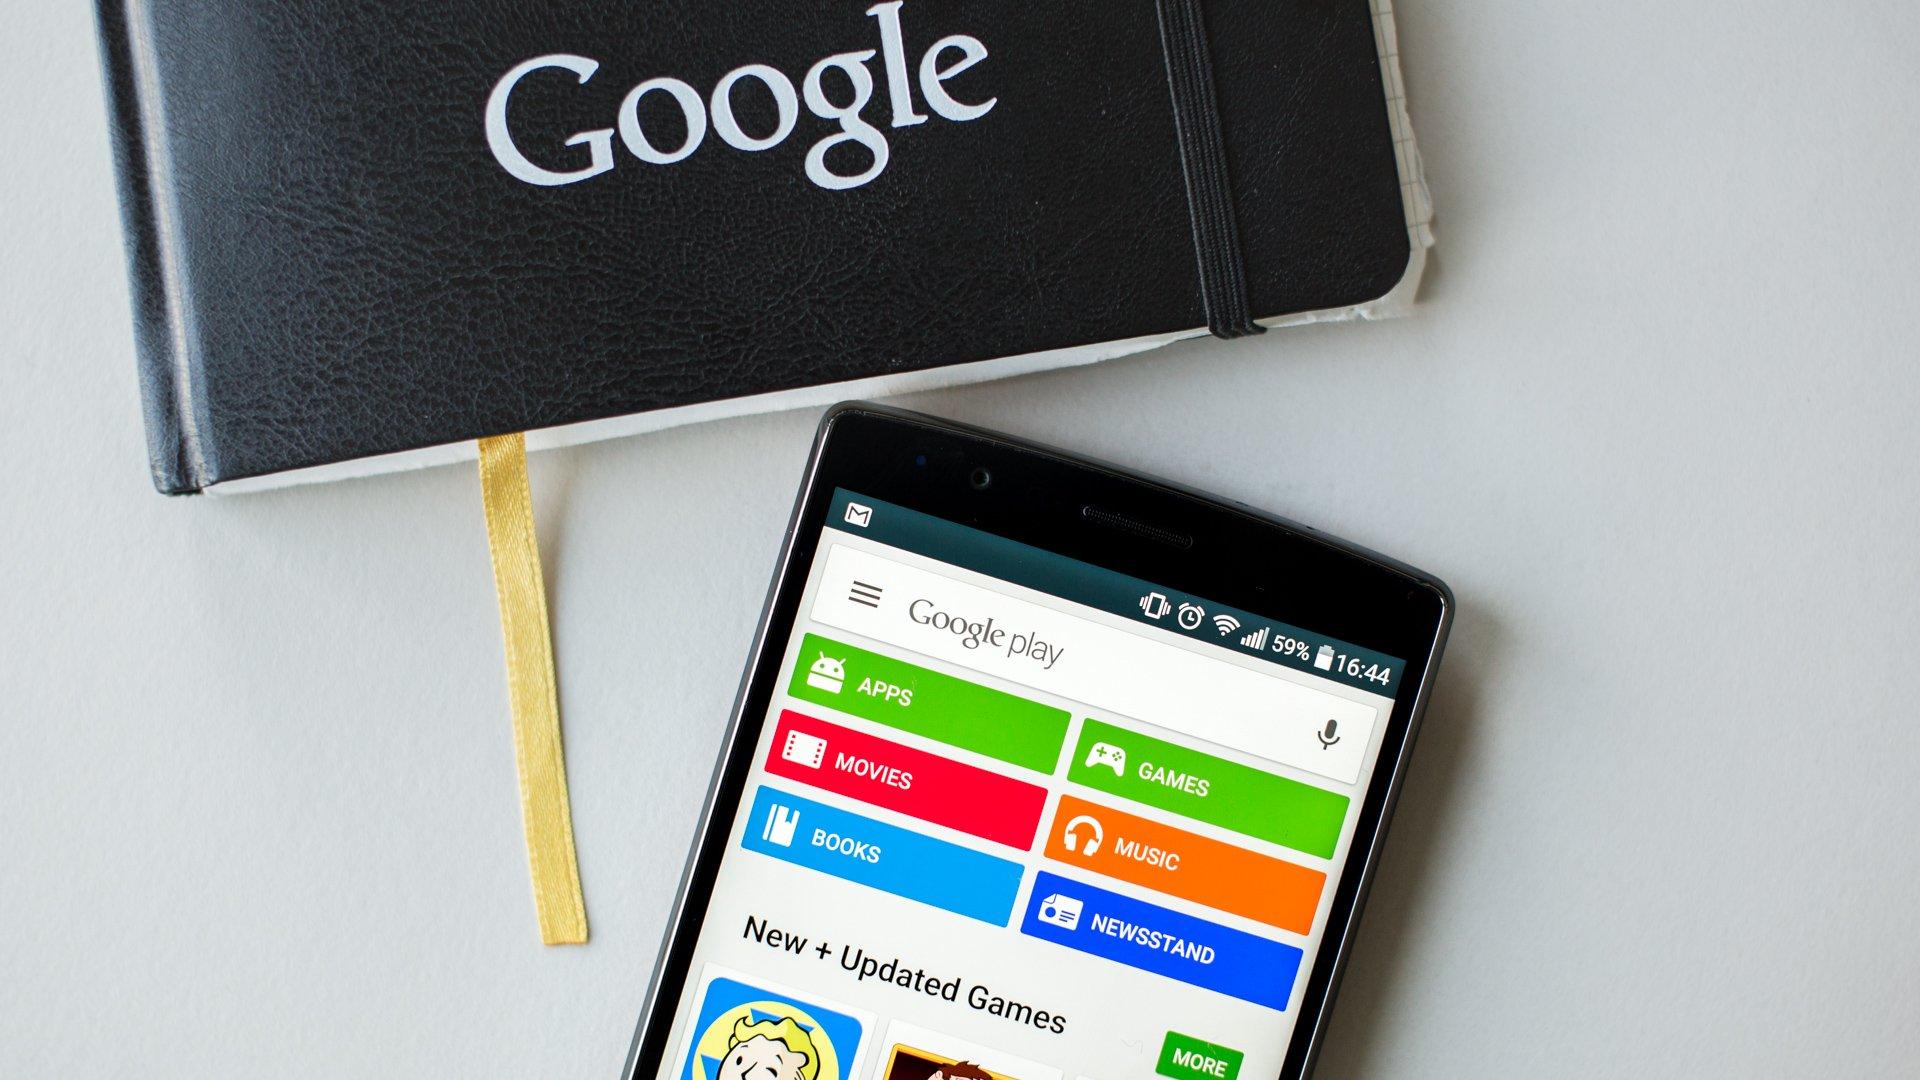 Accueil » Applications » Outils » Google Play Store » Télécharger. En cours de téléchargement Google  Play Store_v16.7.21-all [0] [PR] 269660243_apkpure.com.apk (20.3 MB).